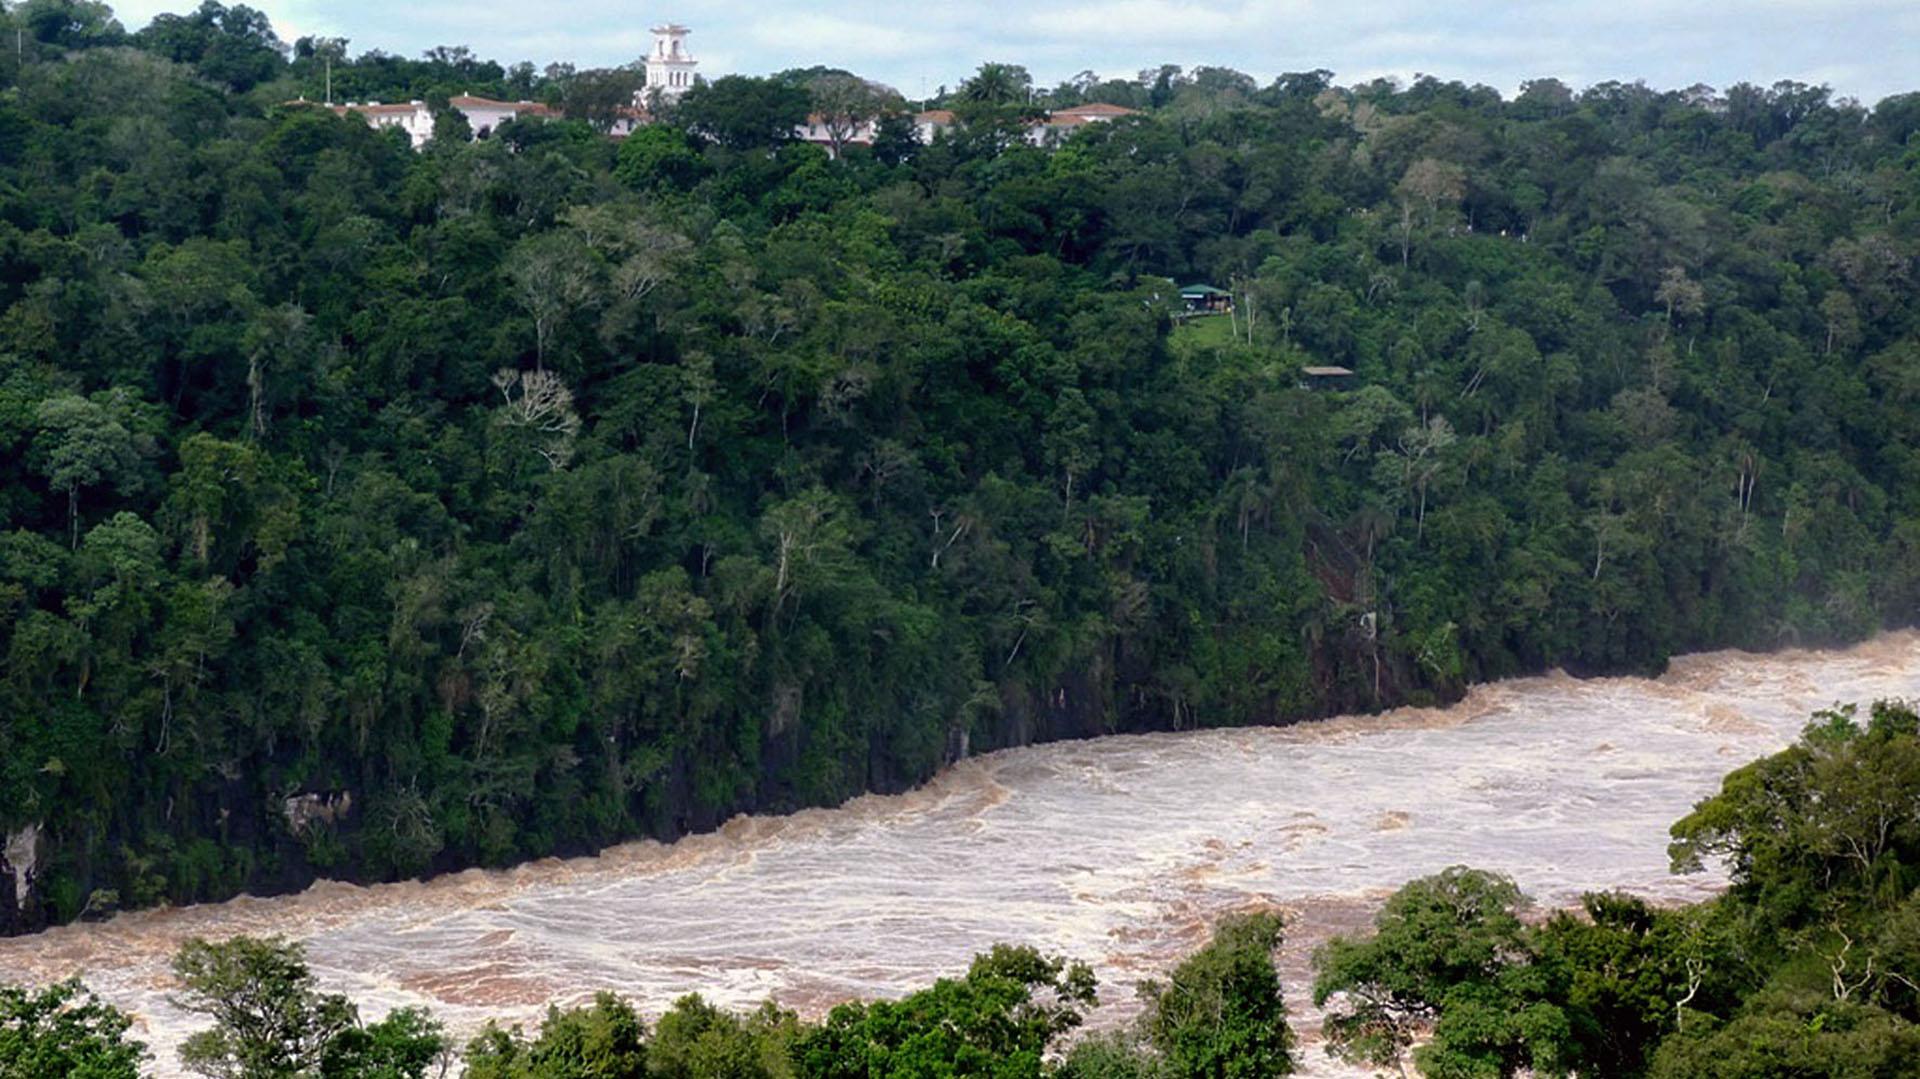 Valles, ríos, frondosa vegetación subtropical y hasta sierras que llegan a los 800 metros de altura, dan forma a un bosque lluvioso y húmedo que ocupa más de un 35% del territorio misionero (NA)